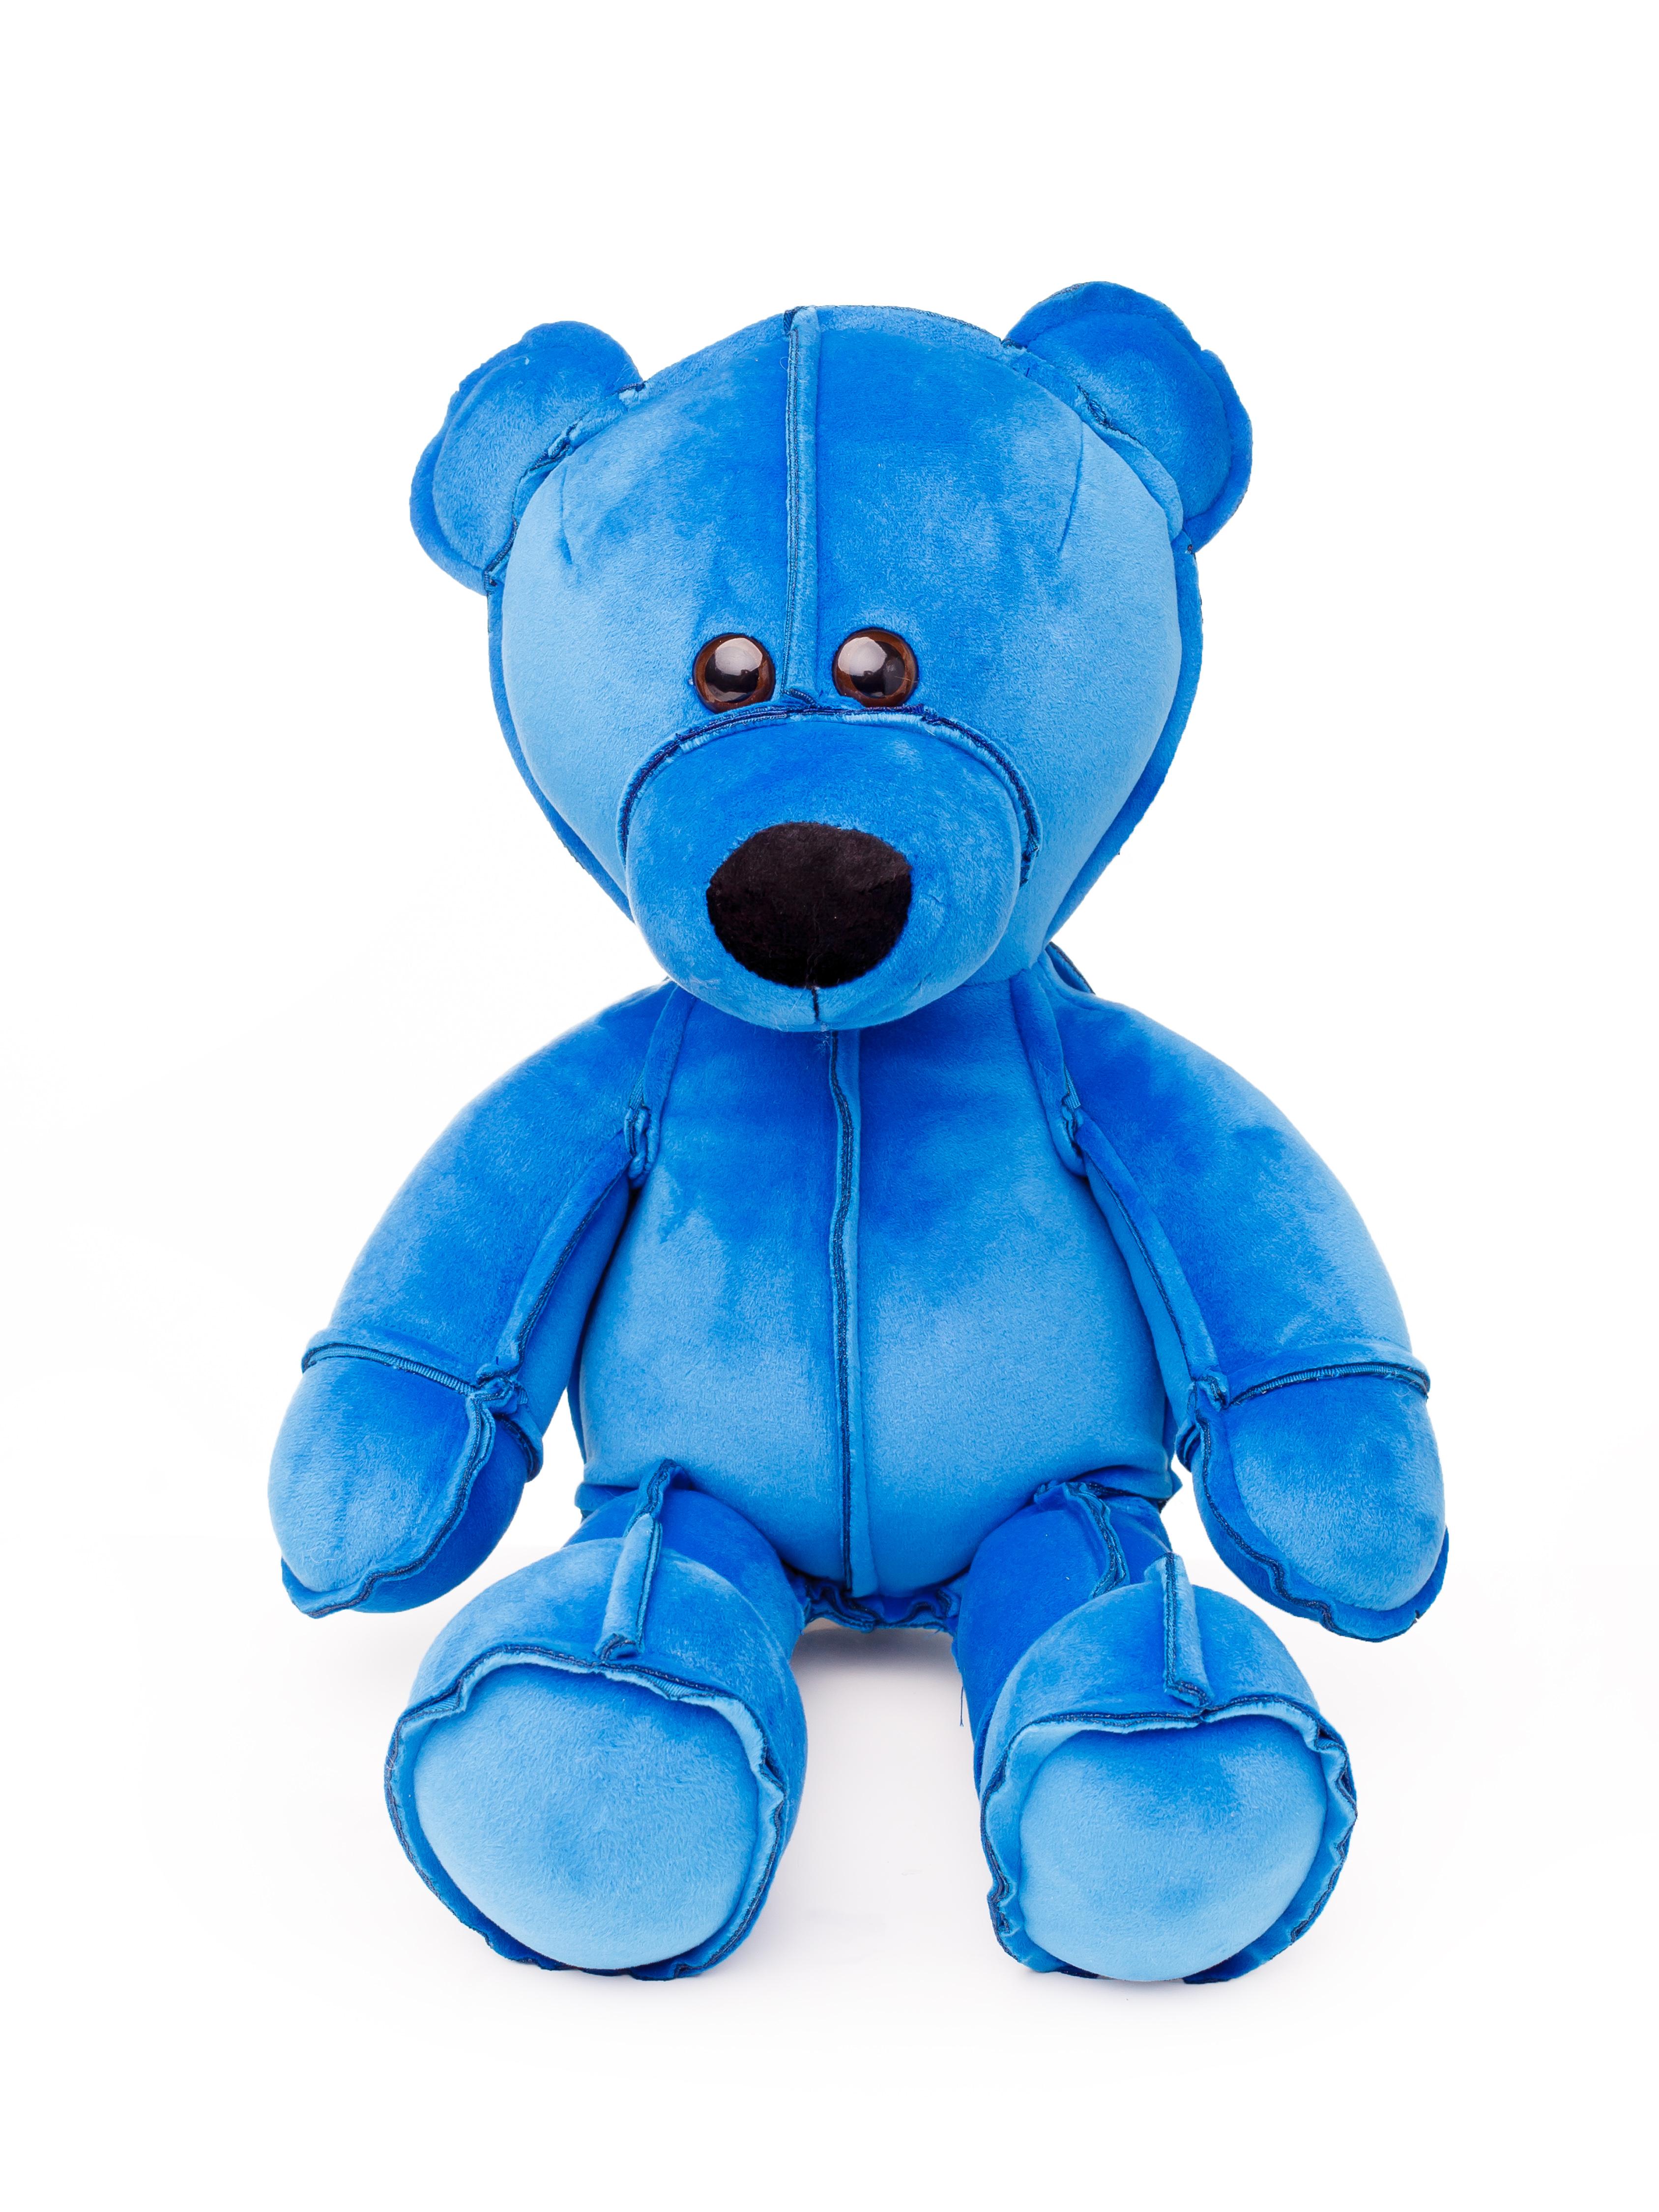 Мягкая игрушка СмолТойс Мишка Даня В45 см, 6199/СН/45 синий смолтойс мягкая игрушка собачка 45 см 1889 мл 45